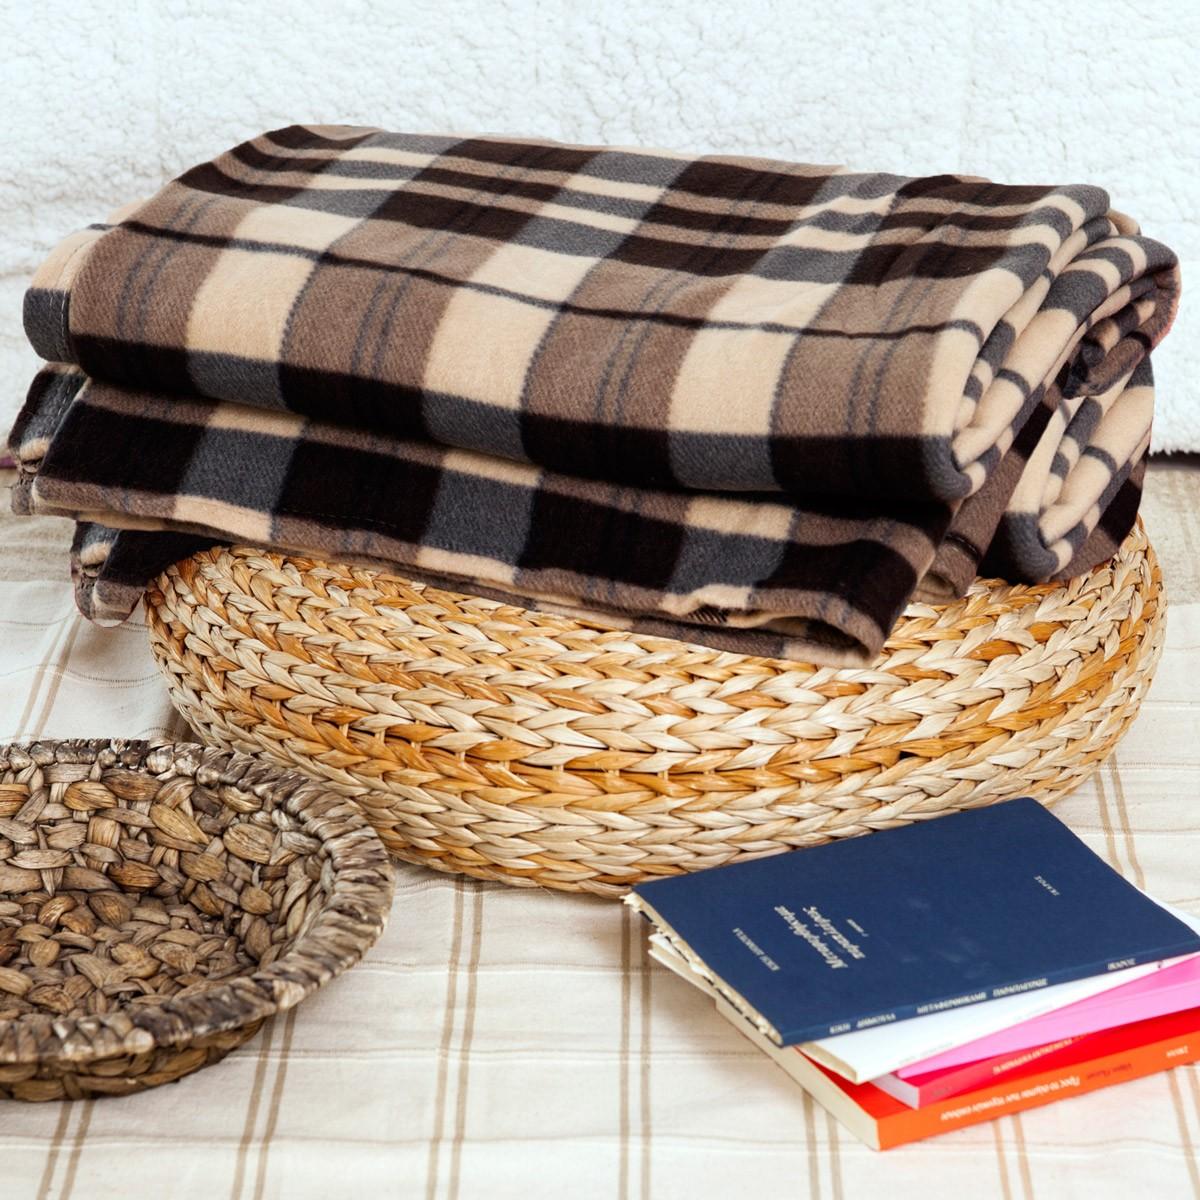 Κουβέρτα Fleece Υπέρδιπλη Melinen Checked Brown